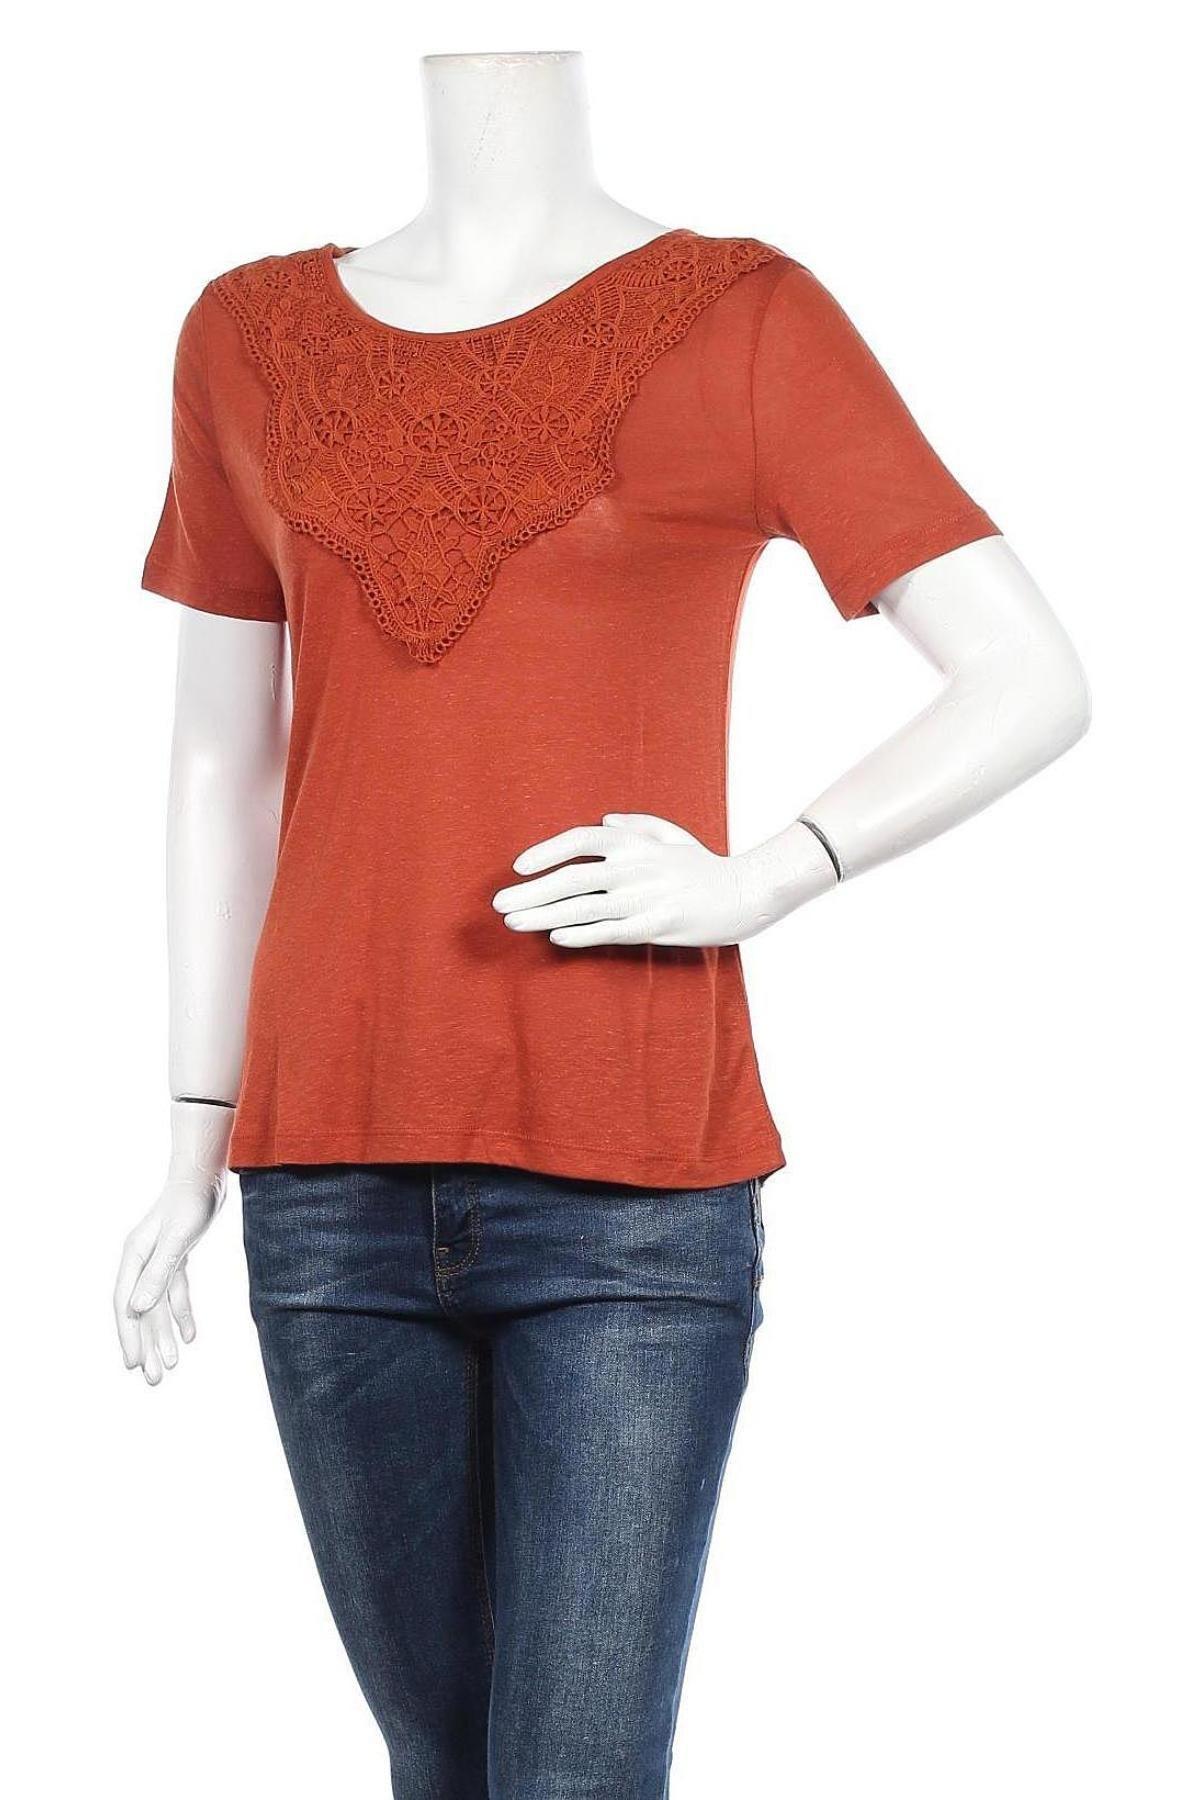 Γυναικεία μπλούζα ONLY, Μέγεθος S, Χρώμα Καφέ, 80% βισκόζη, 20% λινό, Τιμή 15,08€